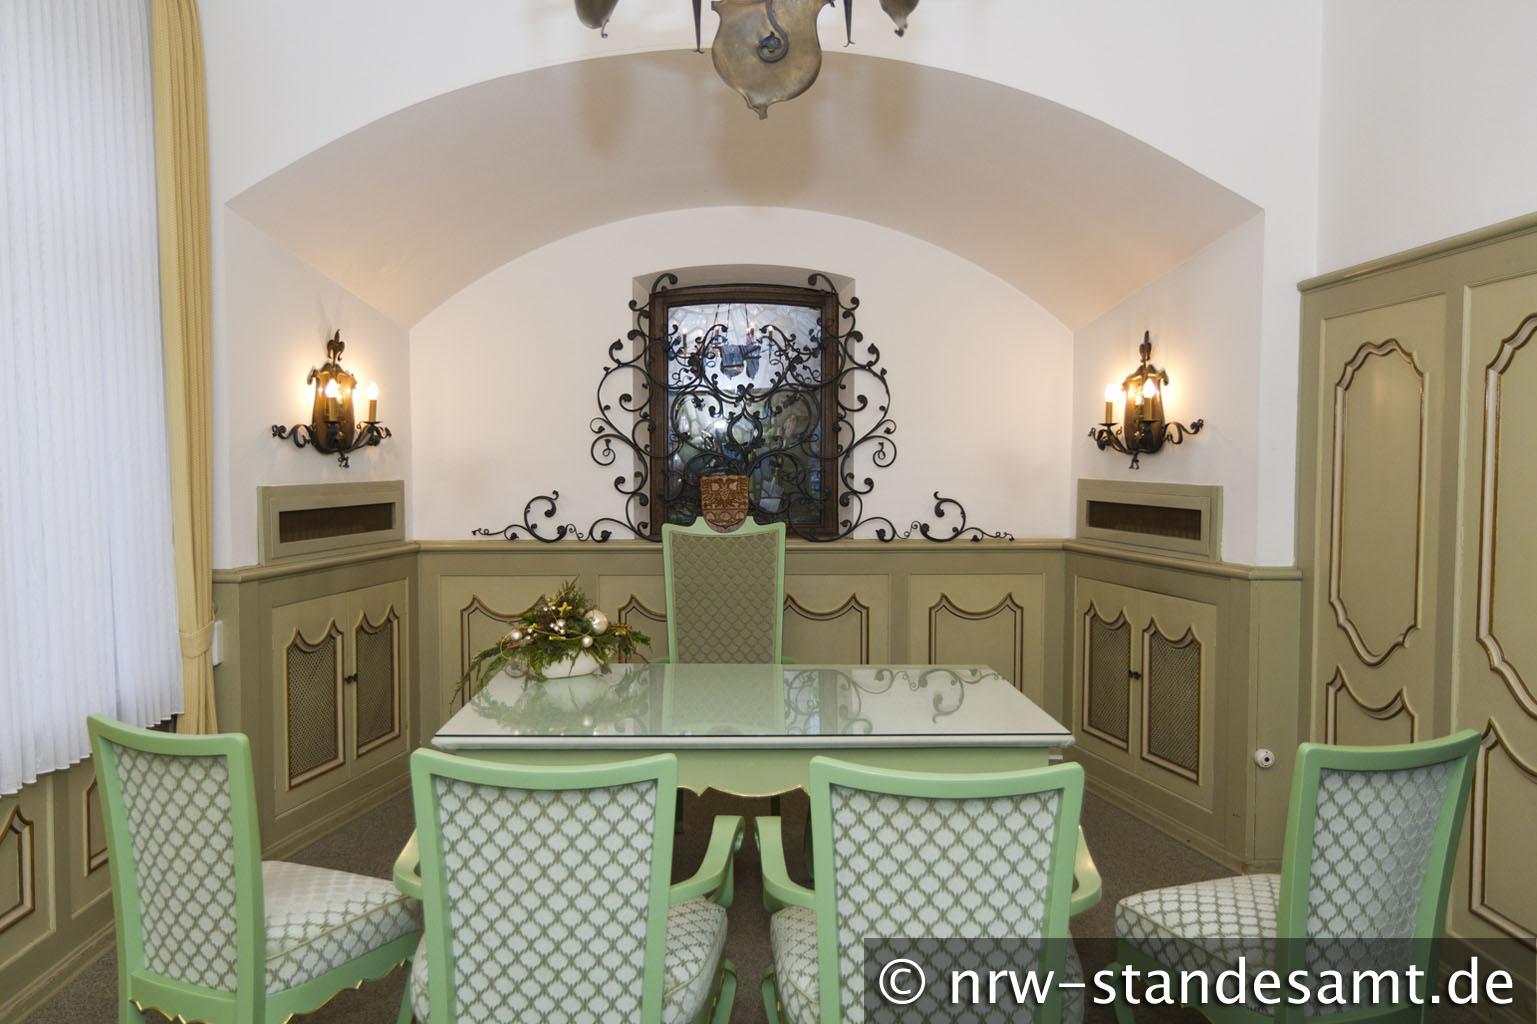 standesamt-essen-kettwiger-rathaus-03_0